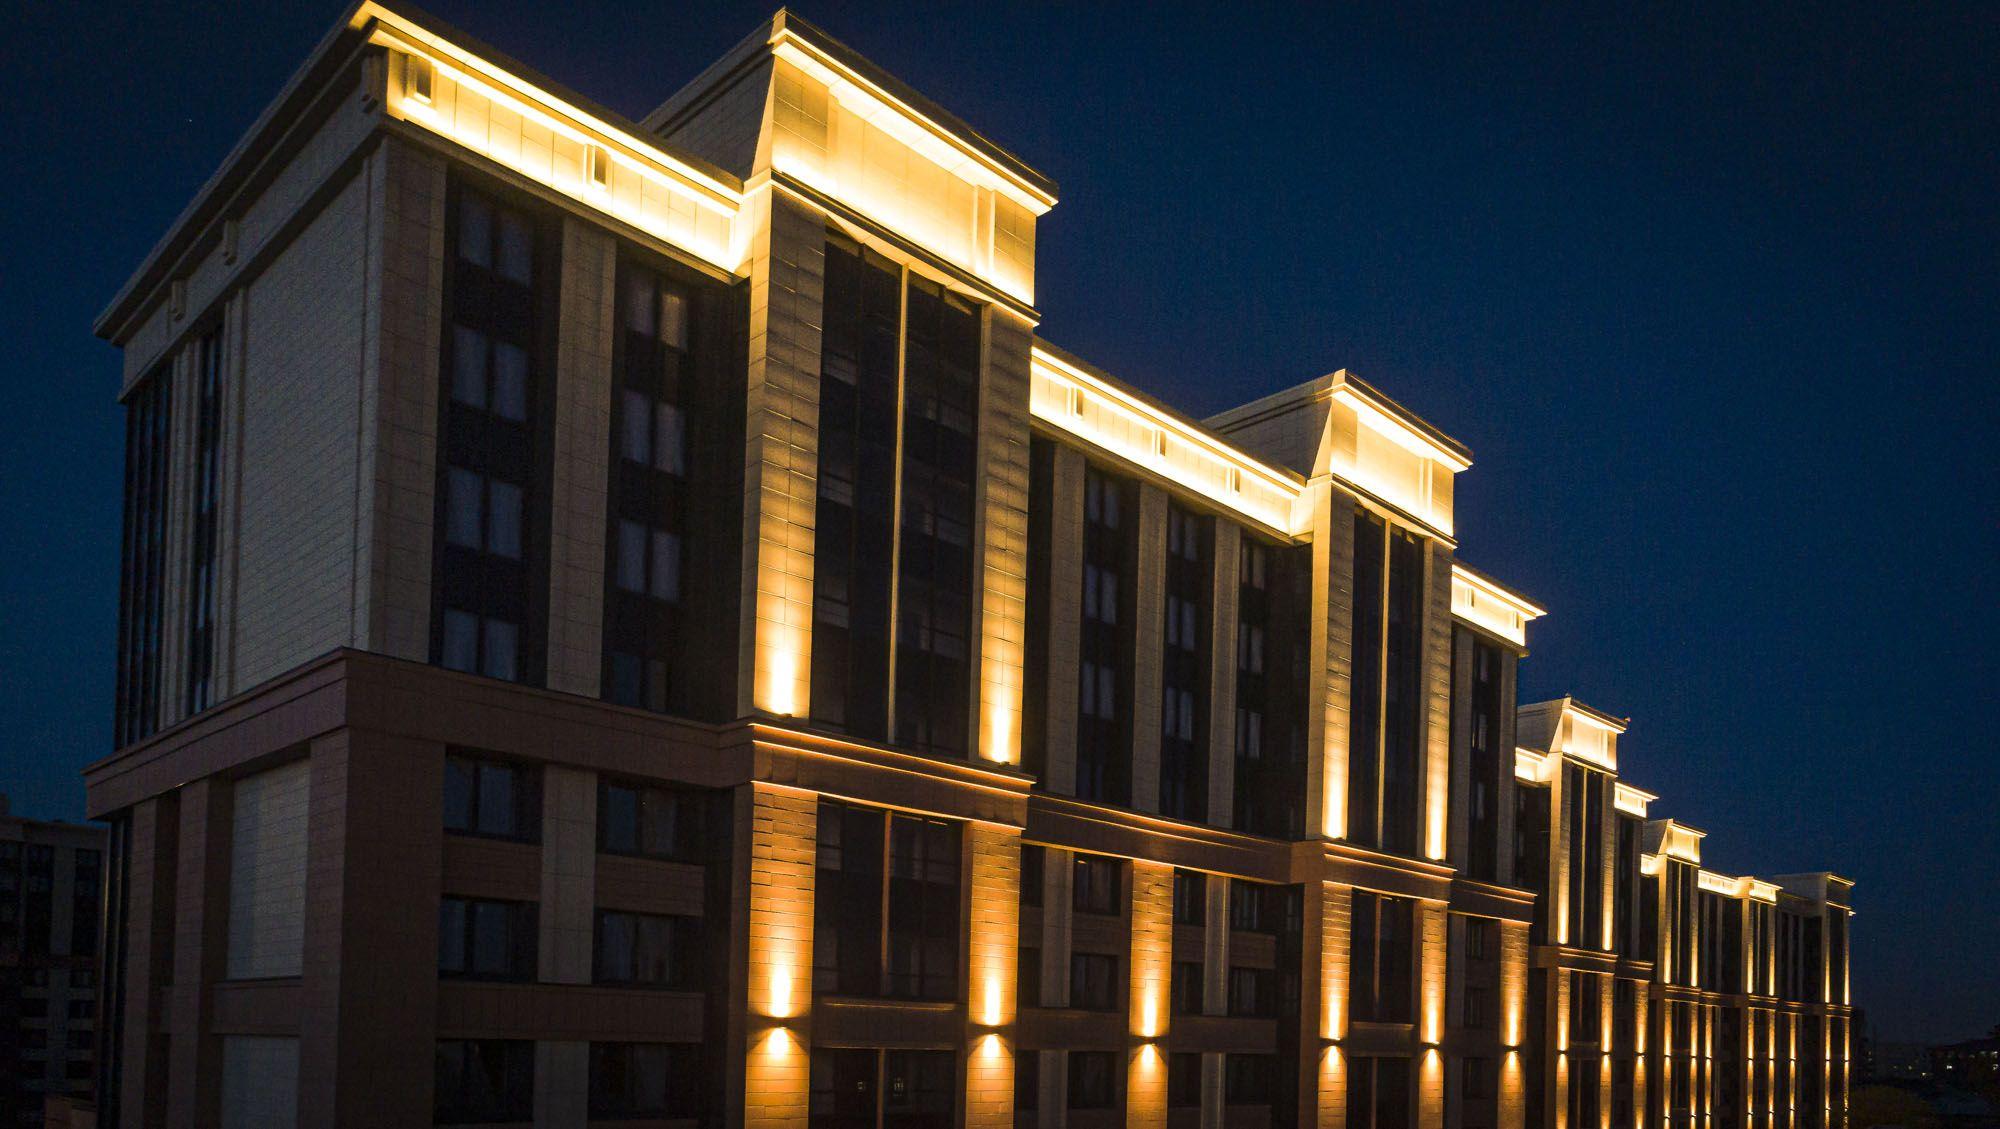 Архитектурная подсветка нового жилого комплекса